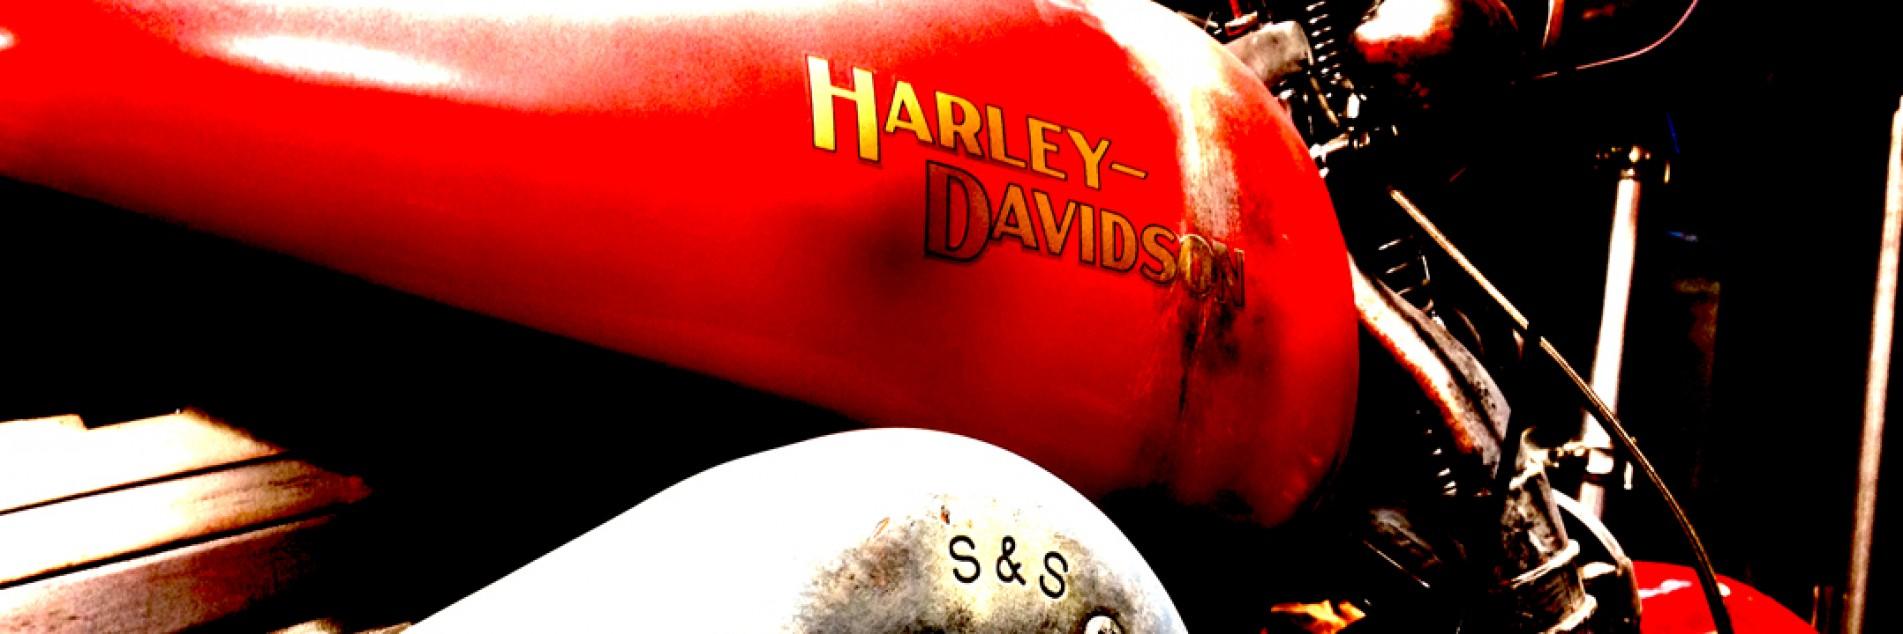 ハーレー研究所